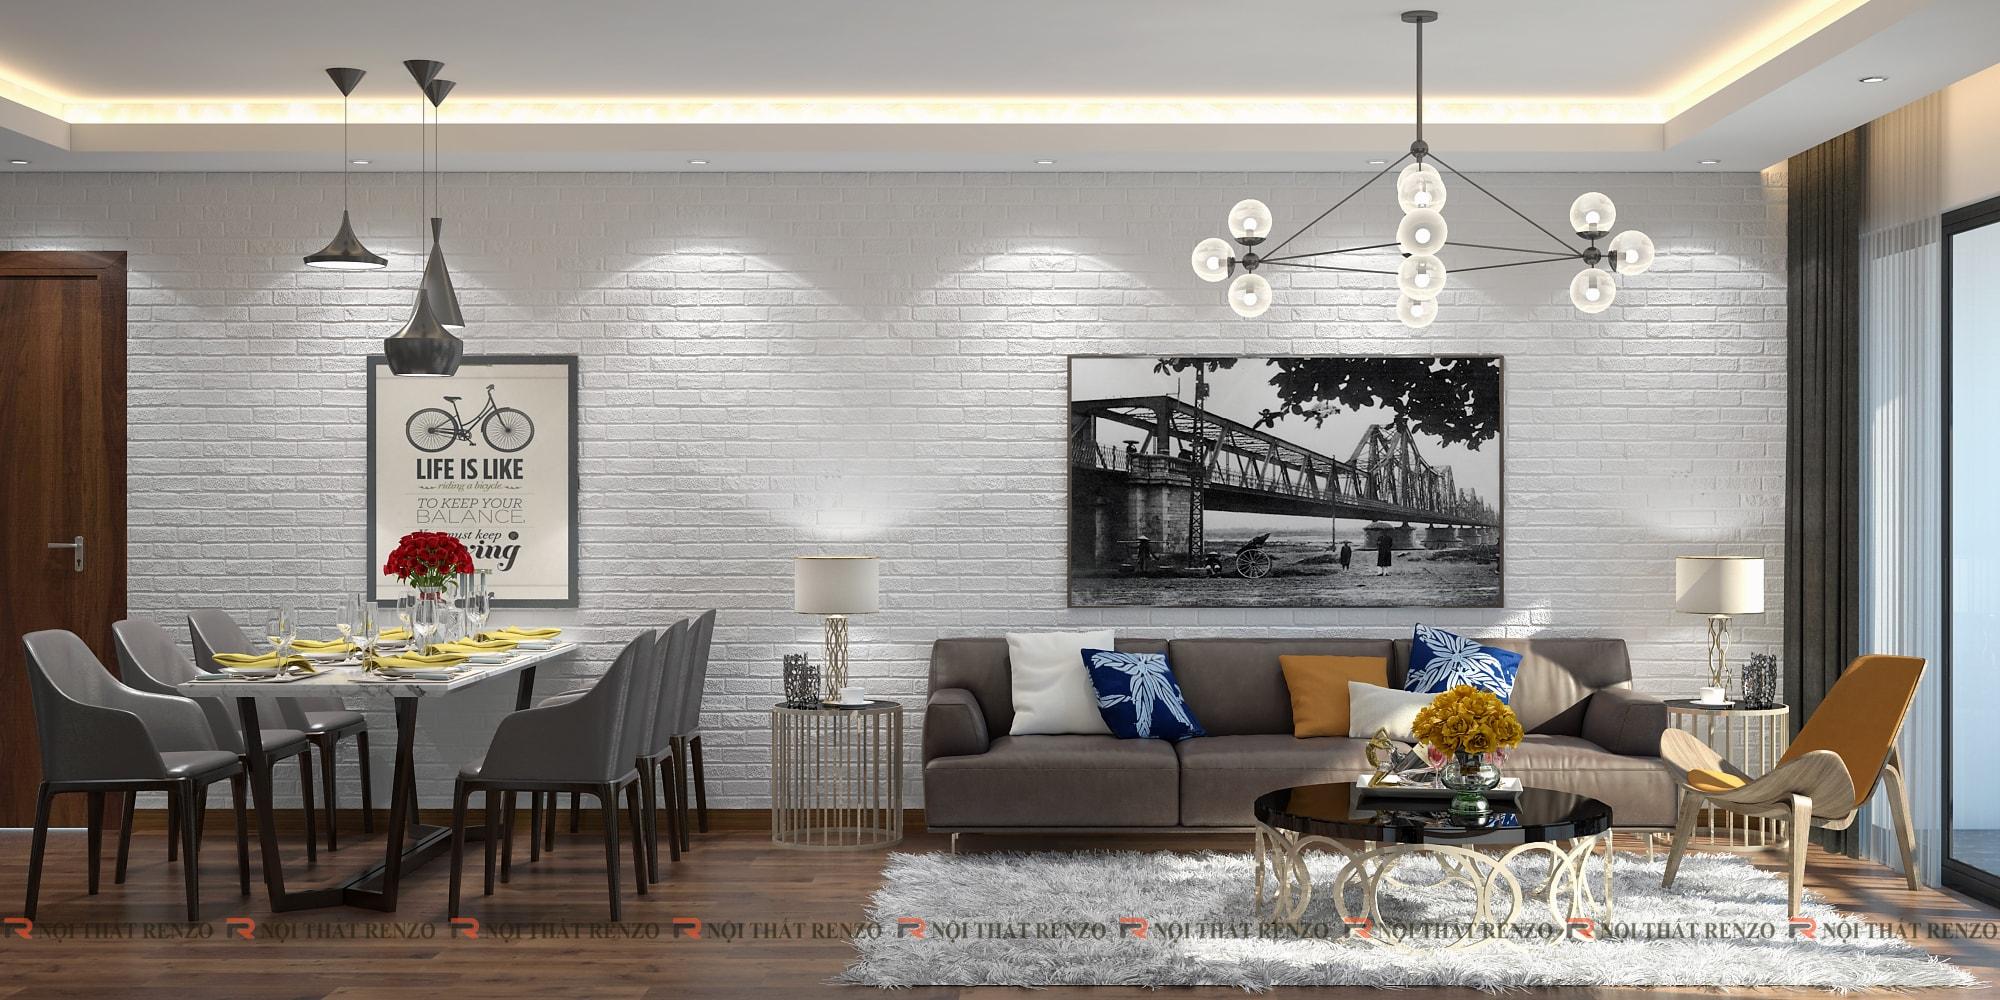 thiết kế nội thất chung cư Mrs. Quỳnh